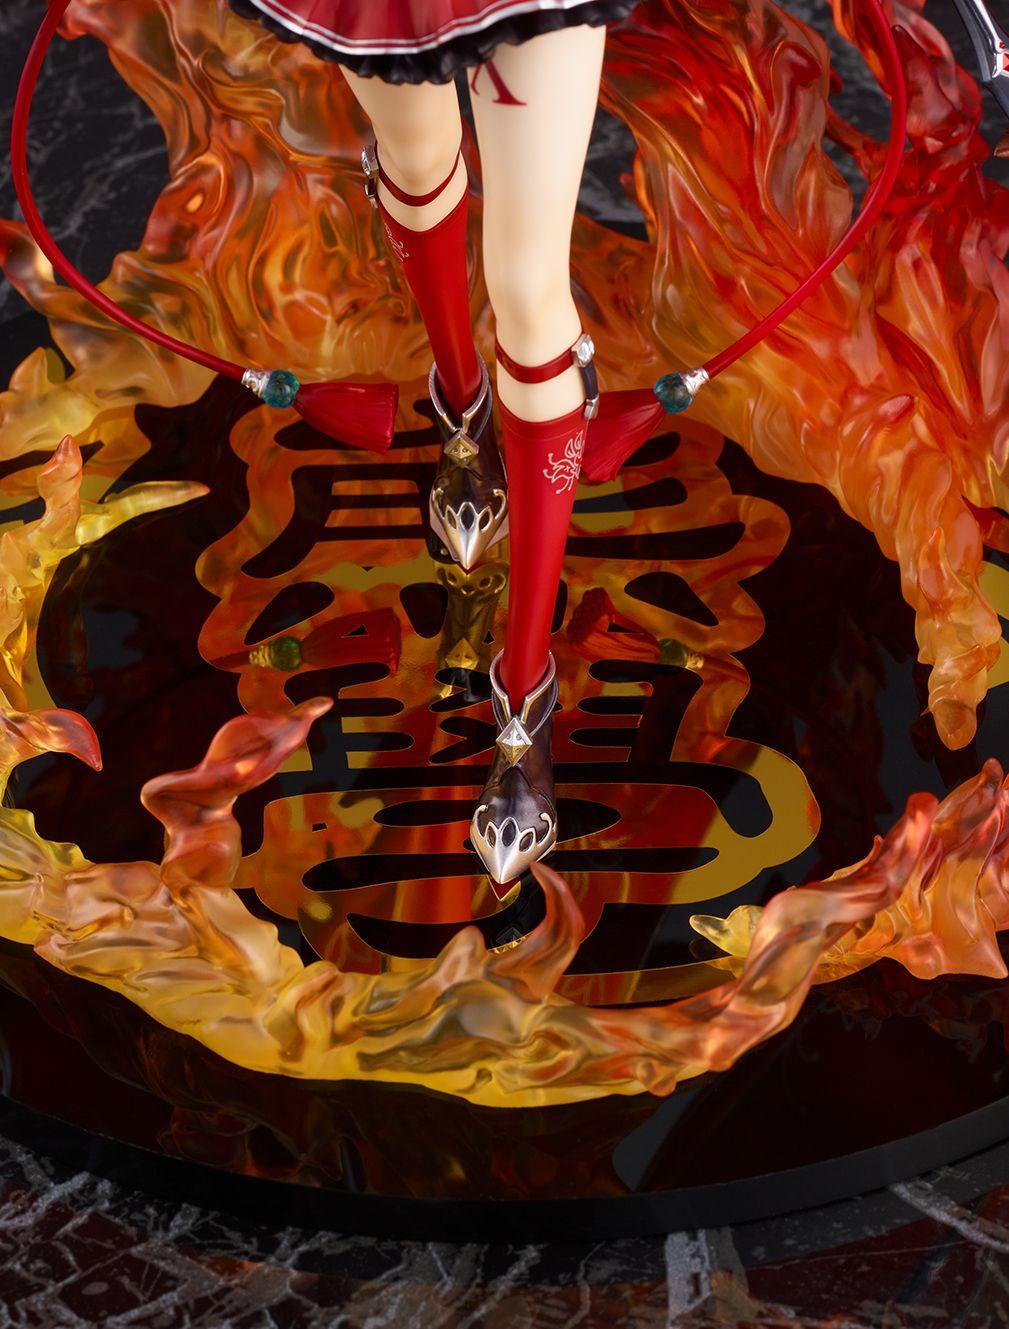 【限定販売】白猫プロジェクト『アイシャ・アージェント -私立茶熊学園2018 Ver.-』1/7 完成品フィギュア-011